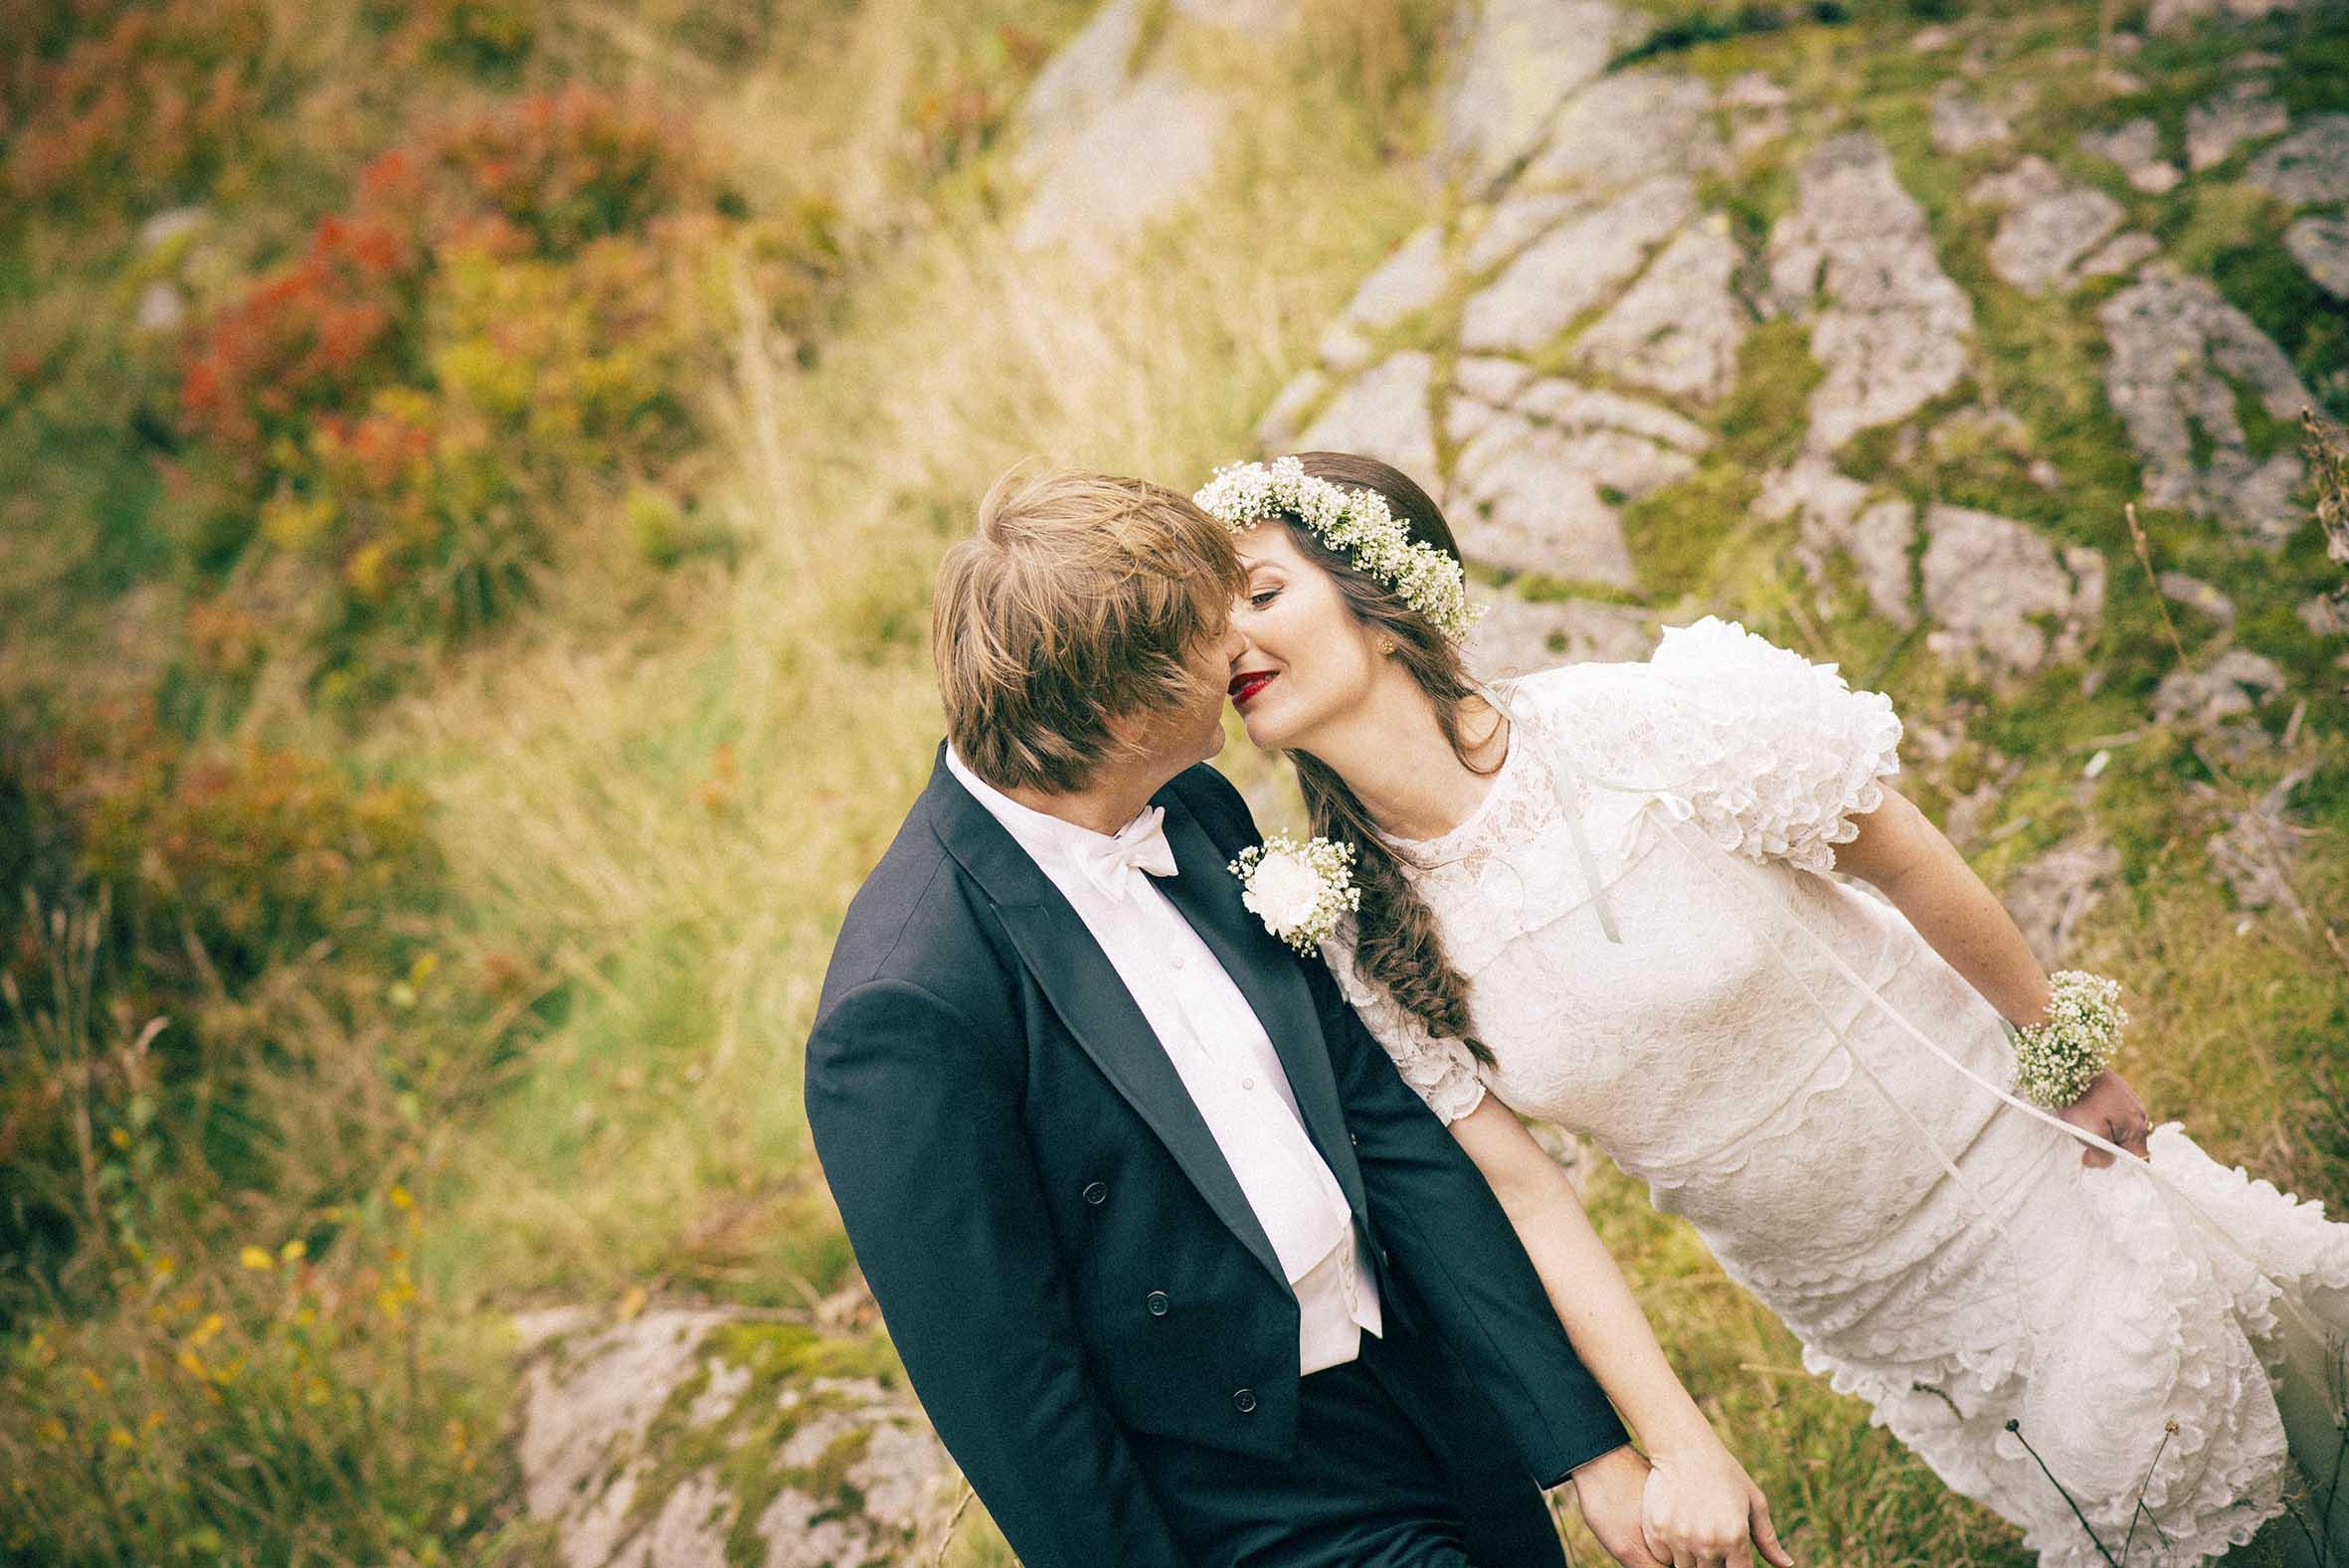 Kysset i skogen, romantisk bilde fra bryllups fotografering Soria Moria, kjærlighet i skogen